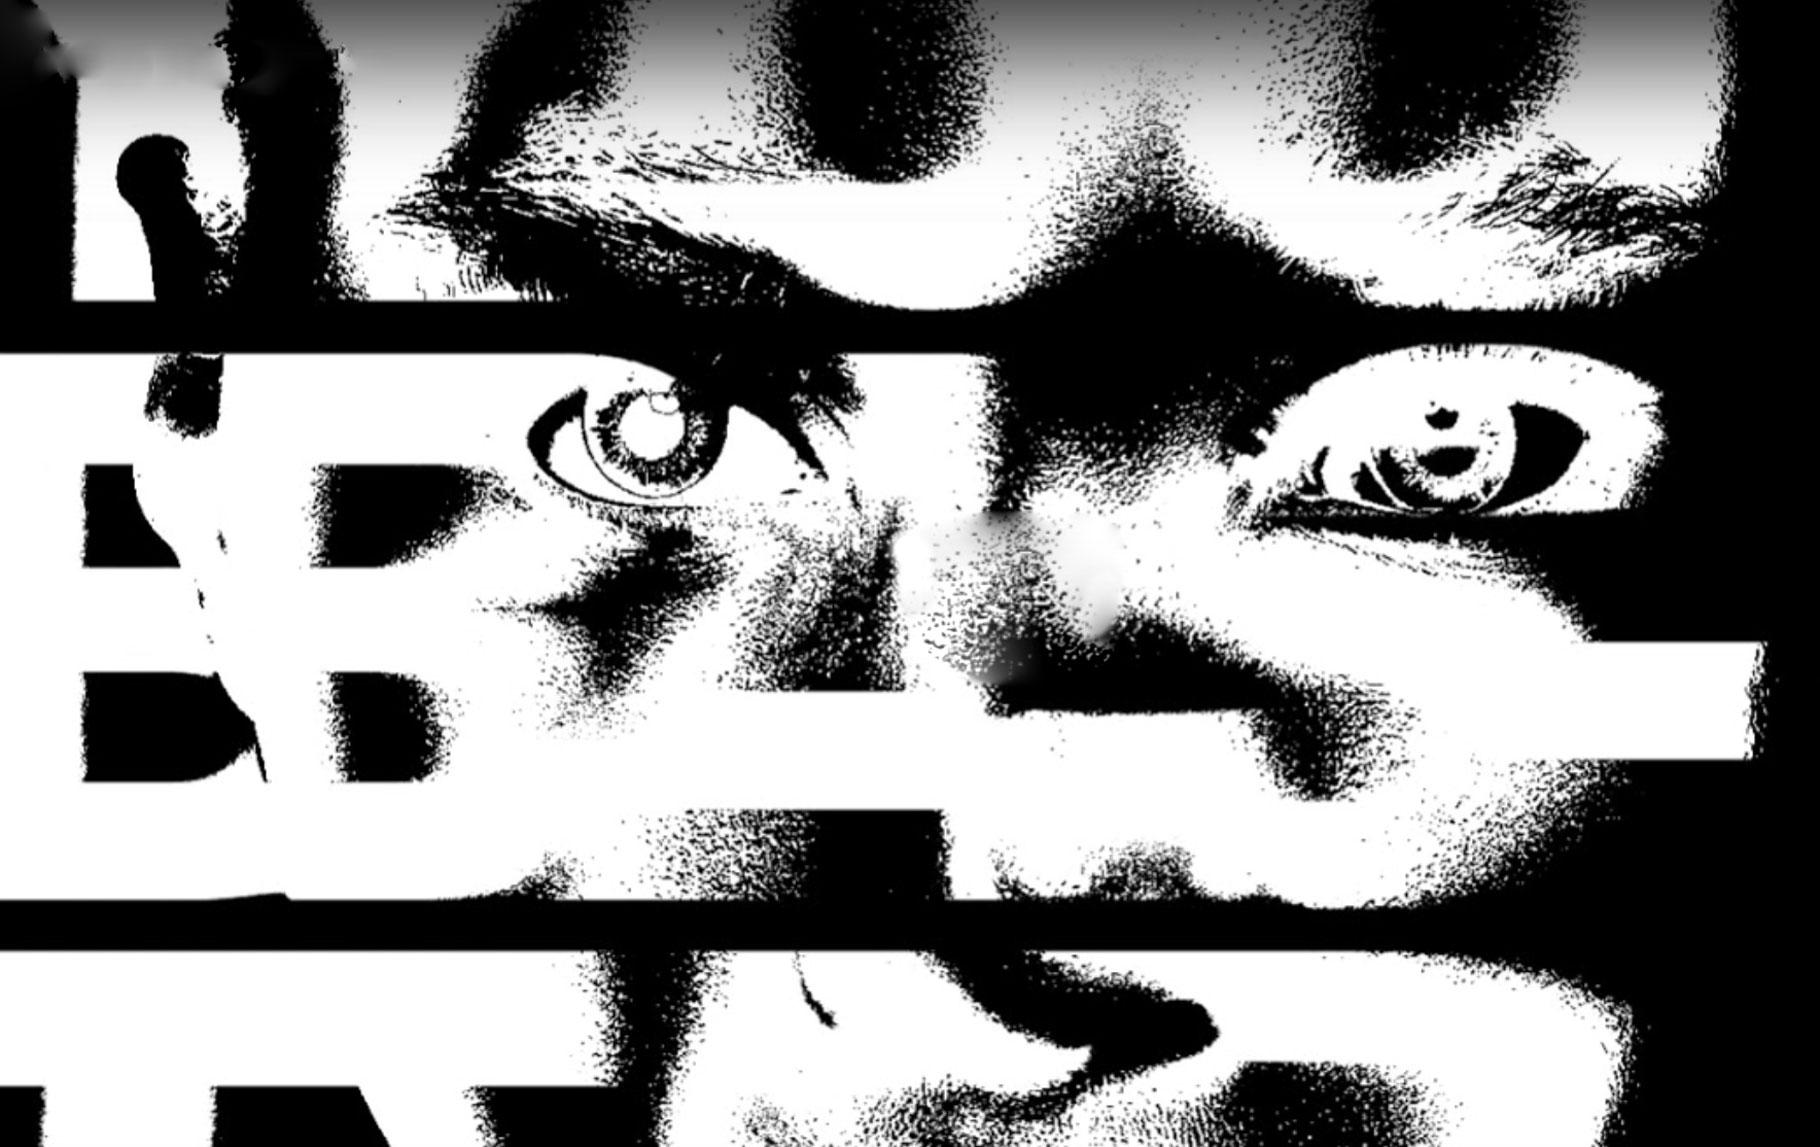 [ 淘宝购买] 潮流扭曲故障错位位移海报标题字体设计PSD动画模板 Typo Displace / Animated Templates插图(3)